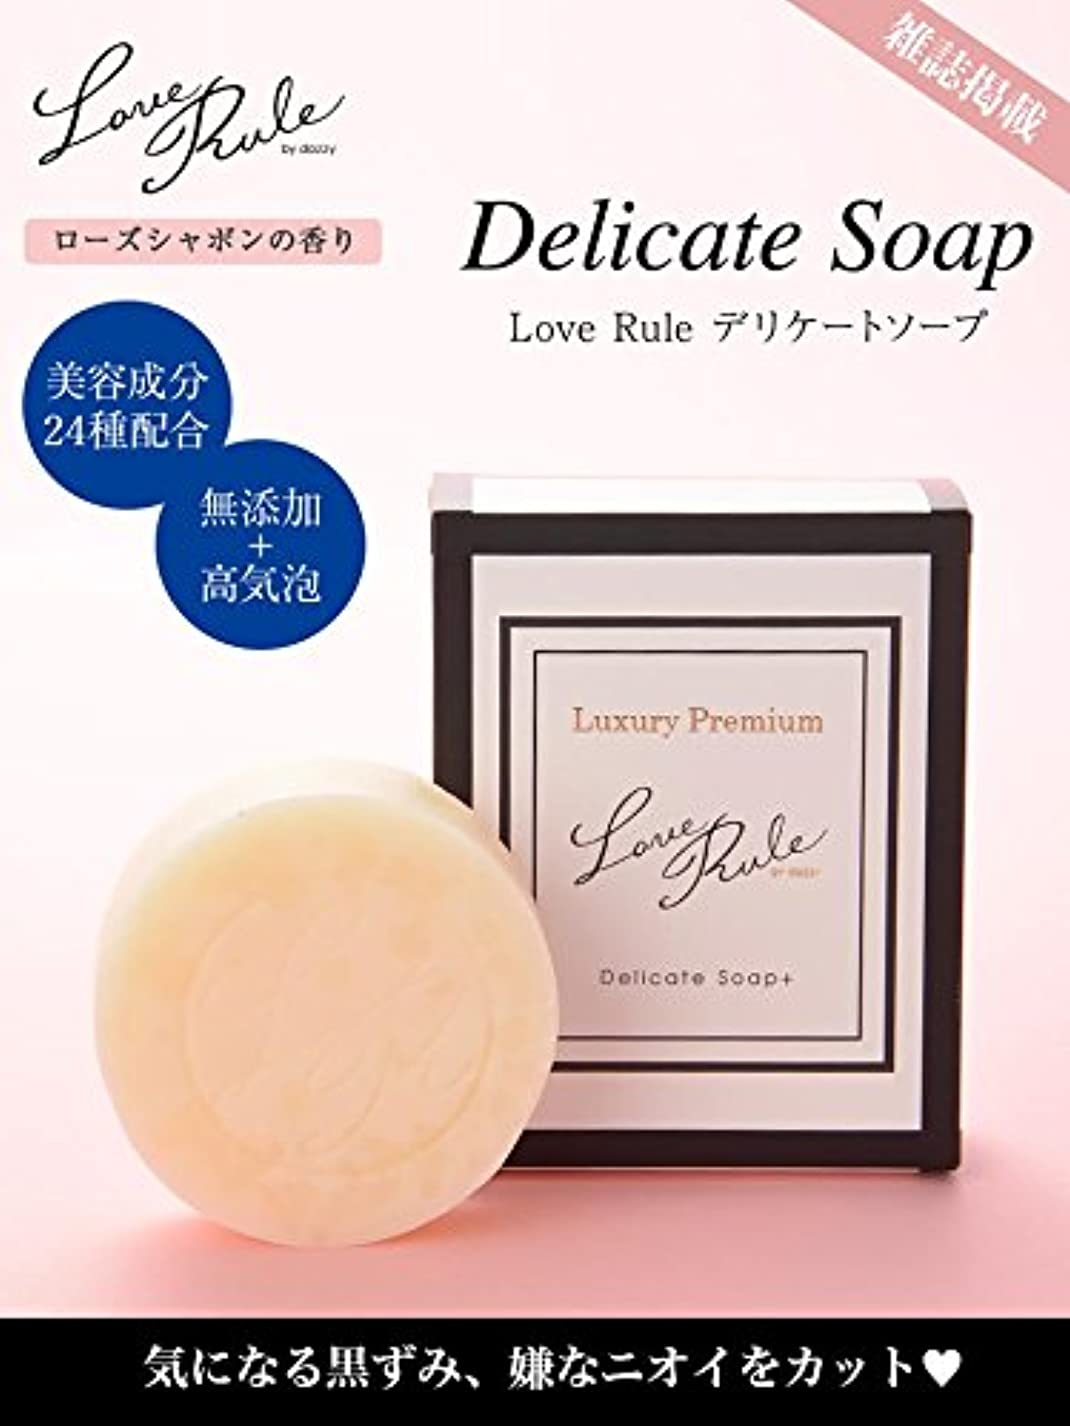 信じられない適合しましたフラップLove Rule デリケートゾーン ソープ プラス 美容成分24種配合 石鹸